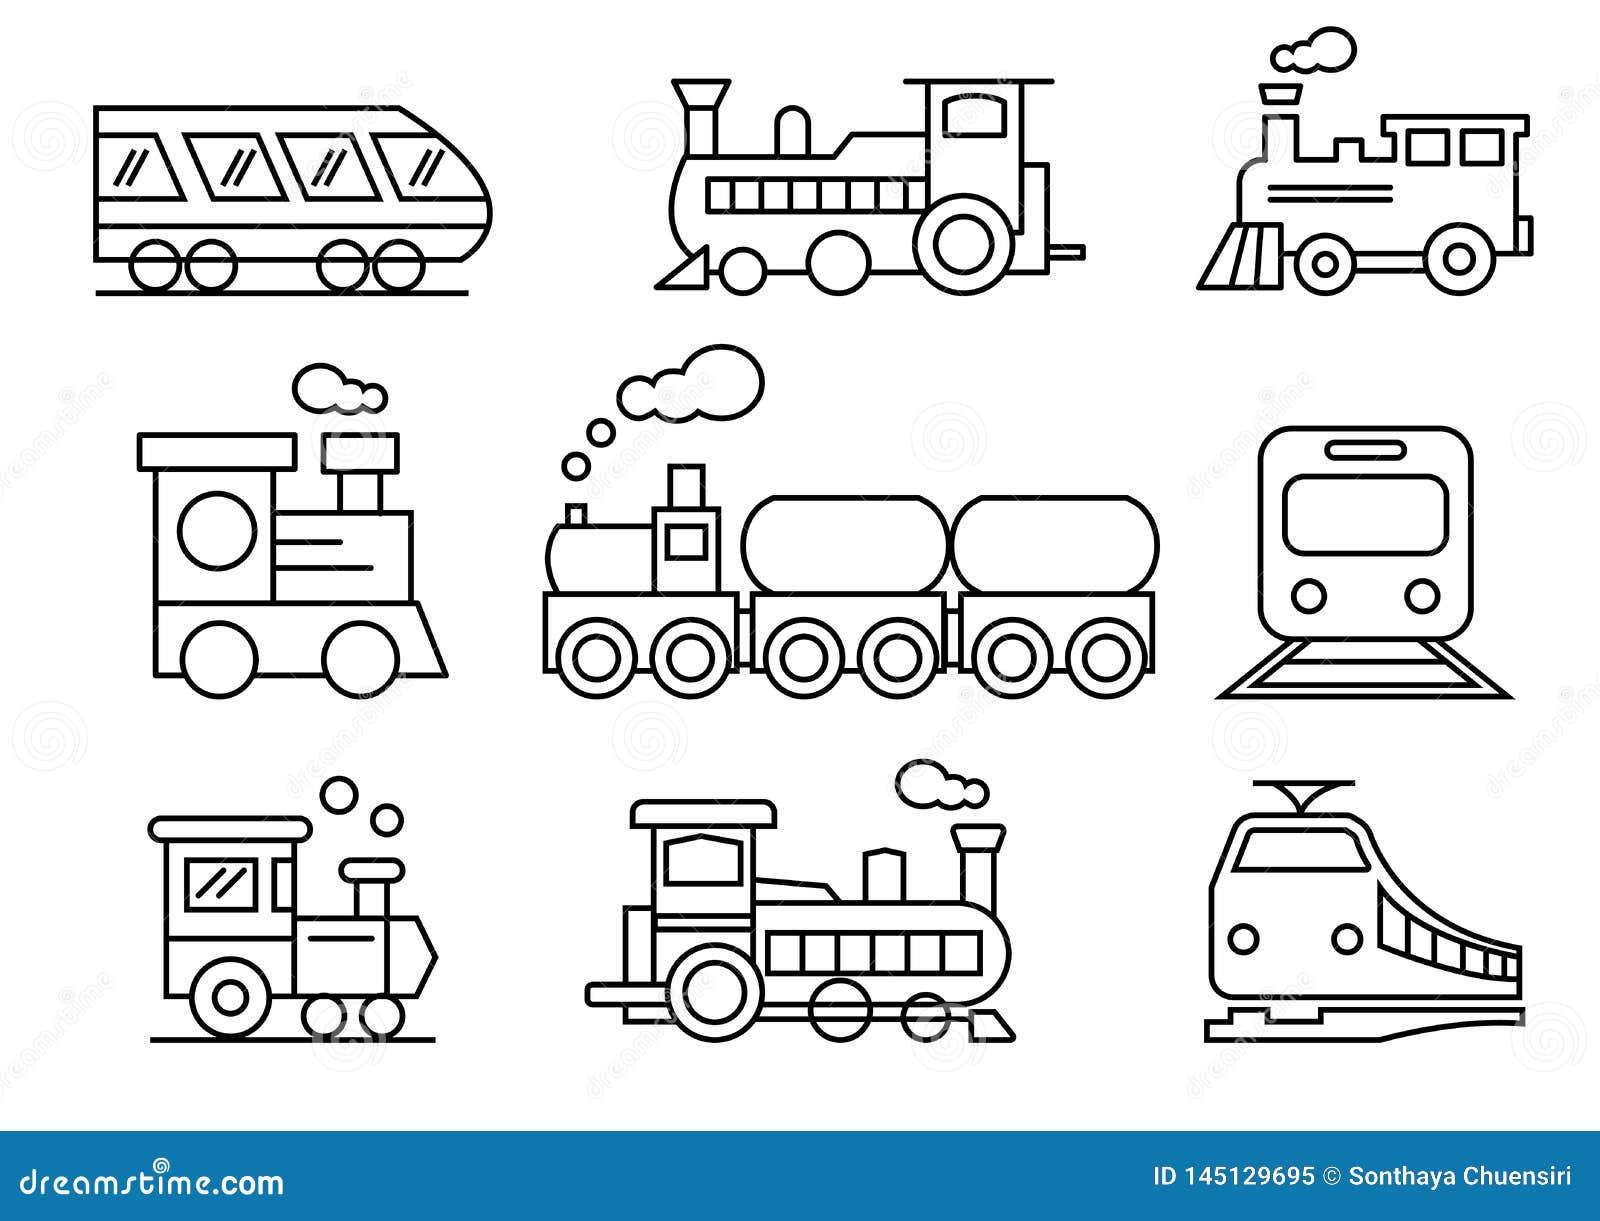 Linea icone insieme, trasporto, treno, illustrazioni di vettore